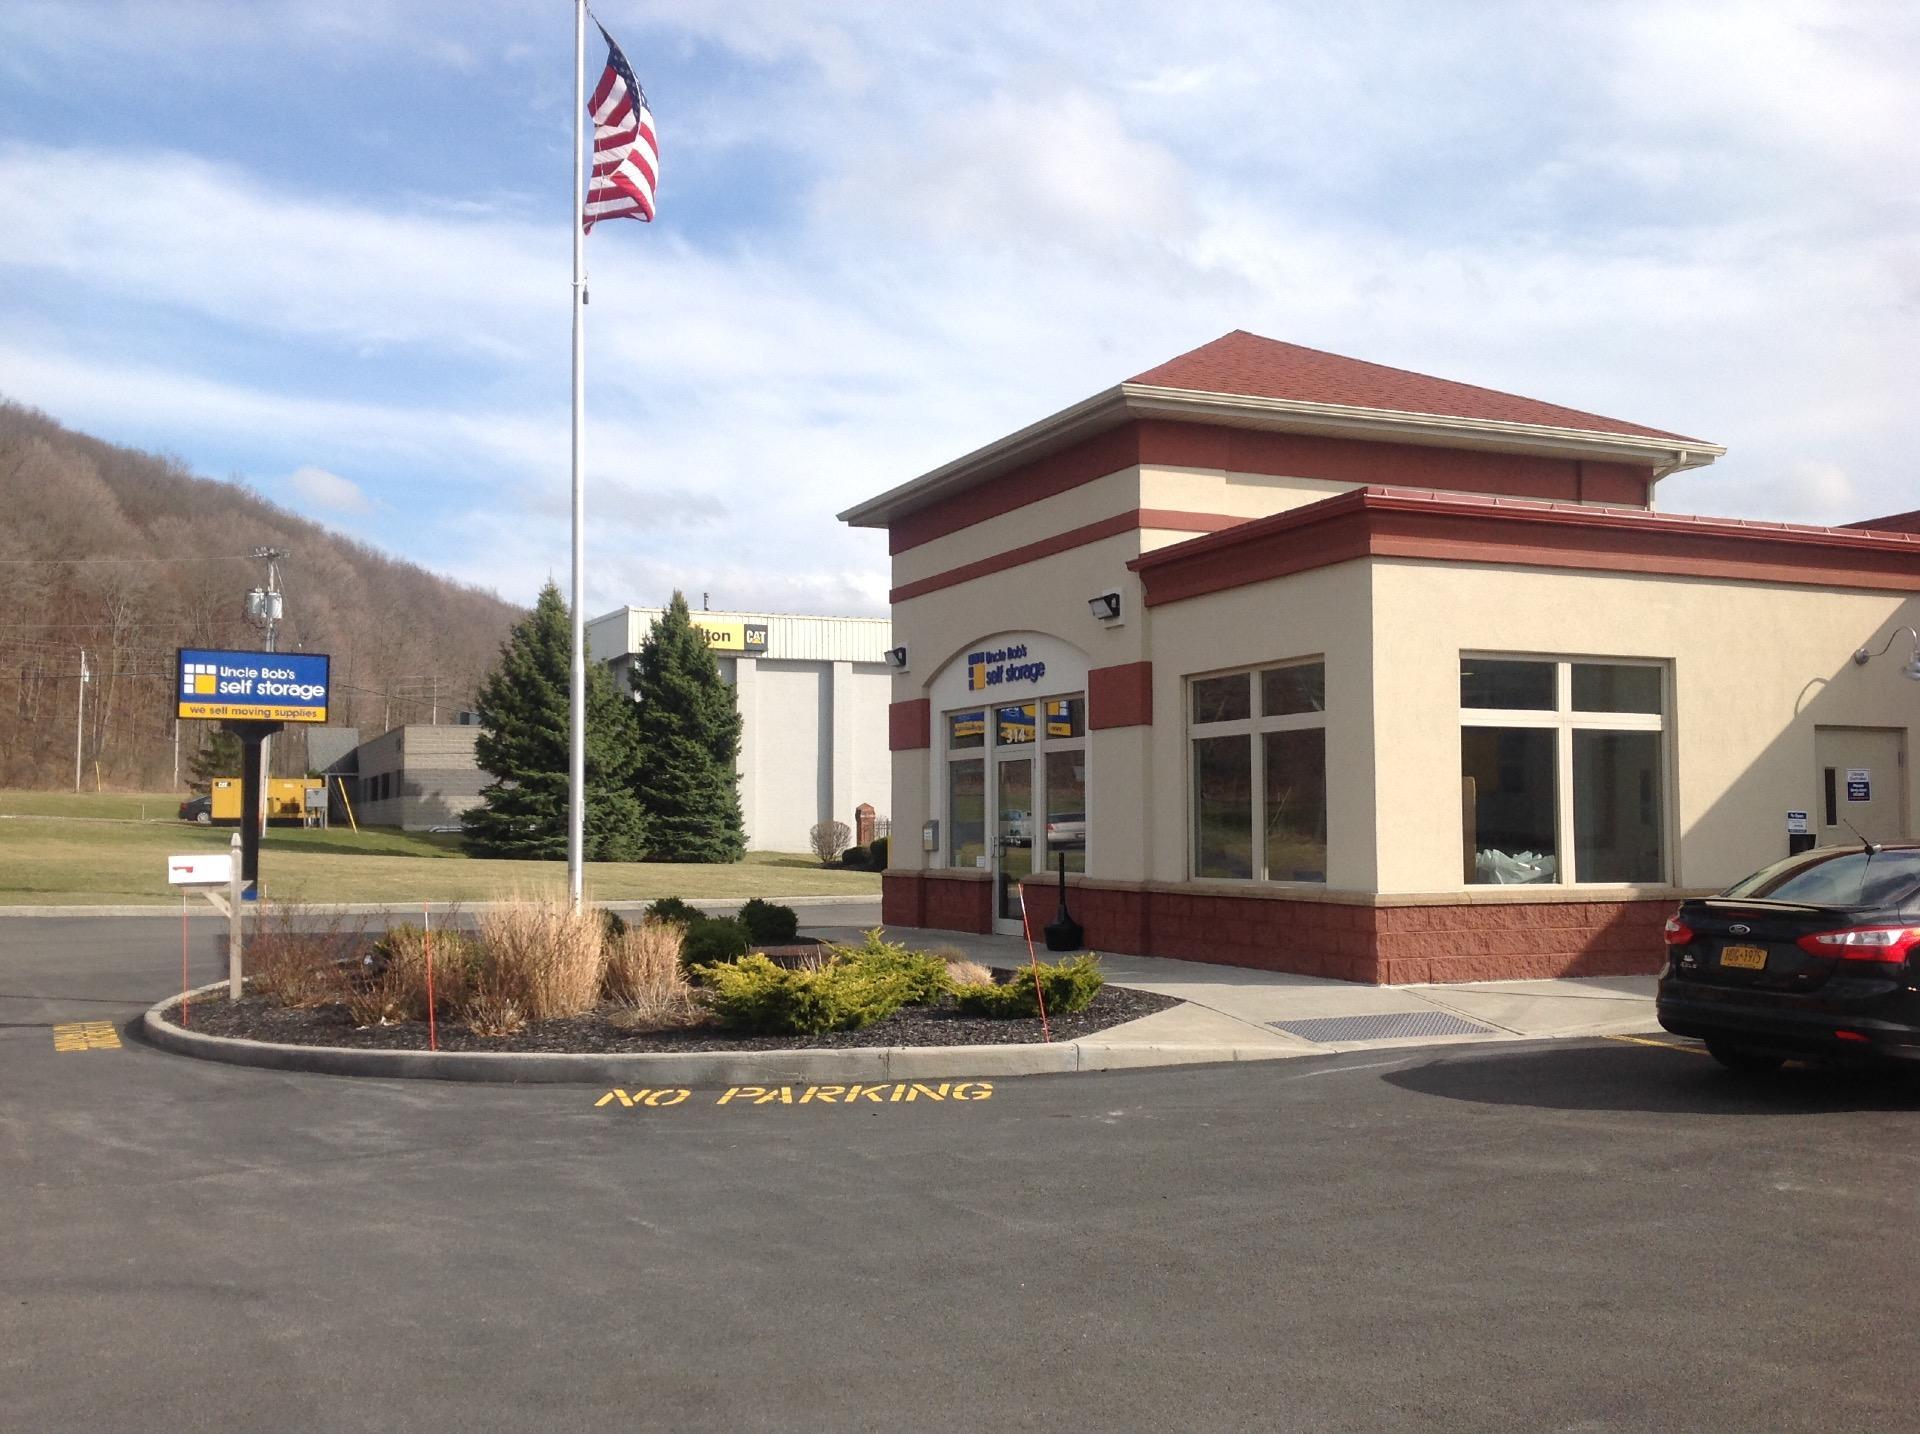 Life Storage near Lakefront, Syracuse NY   Rent Storage Units (242)